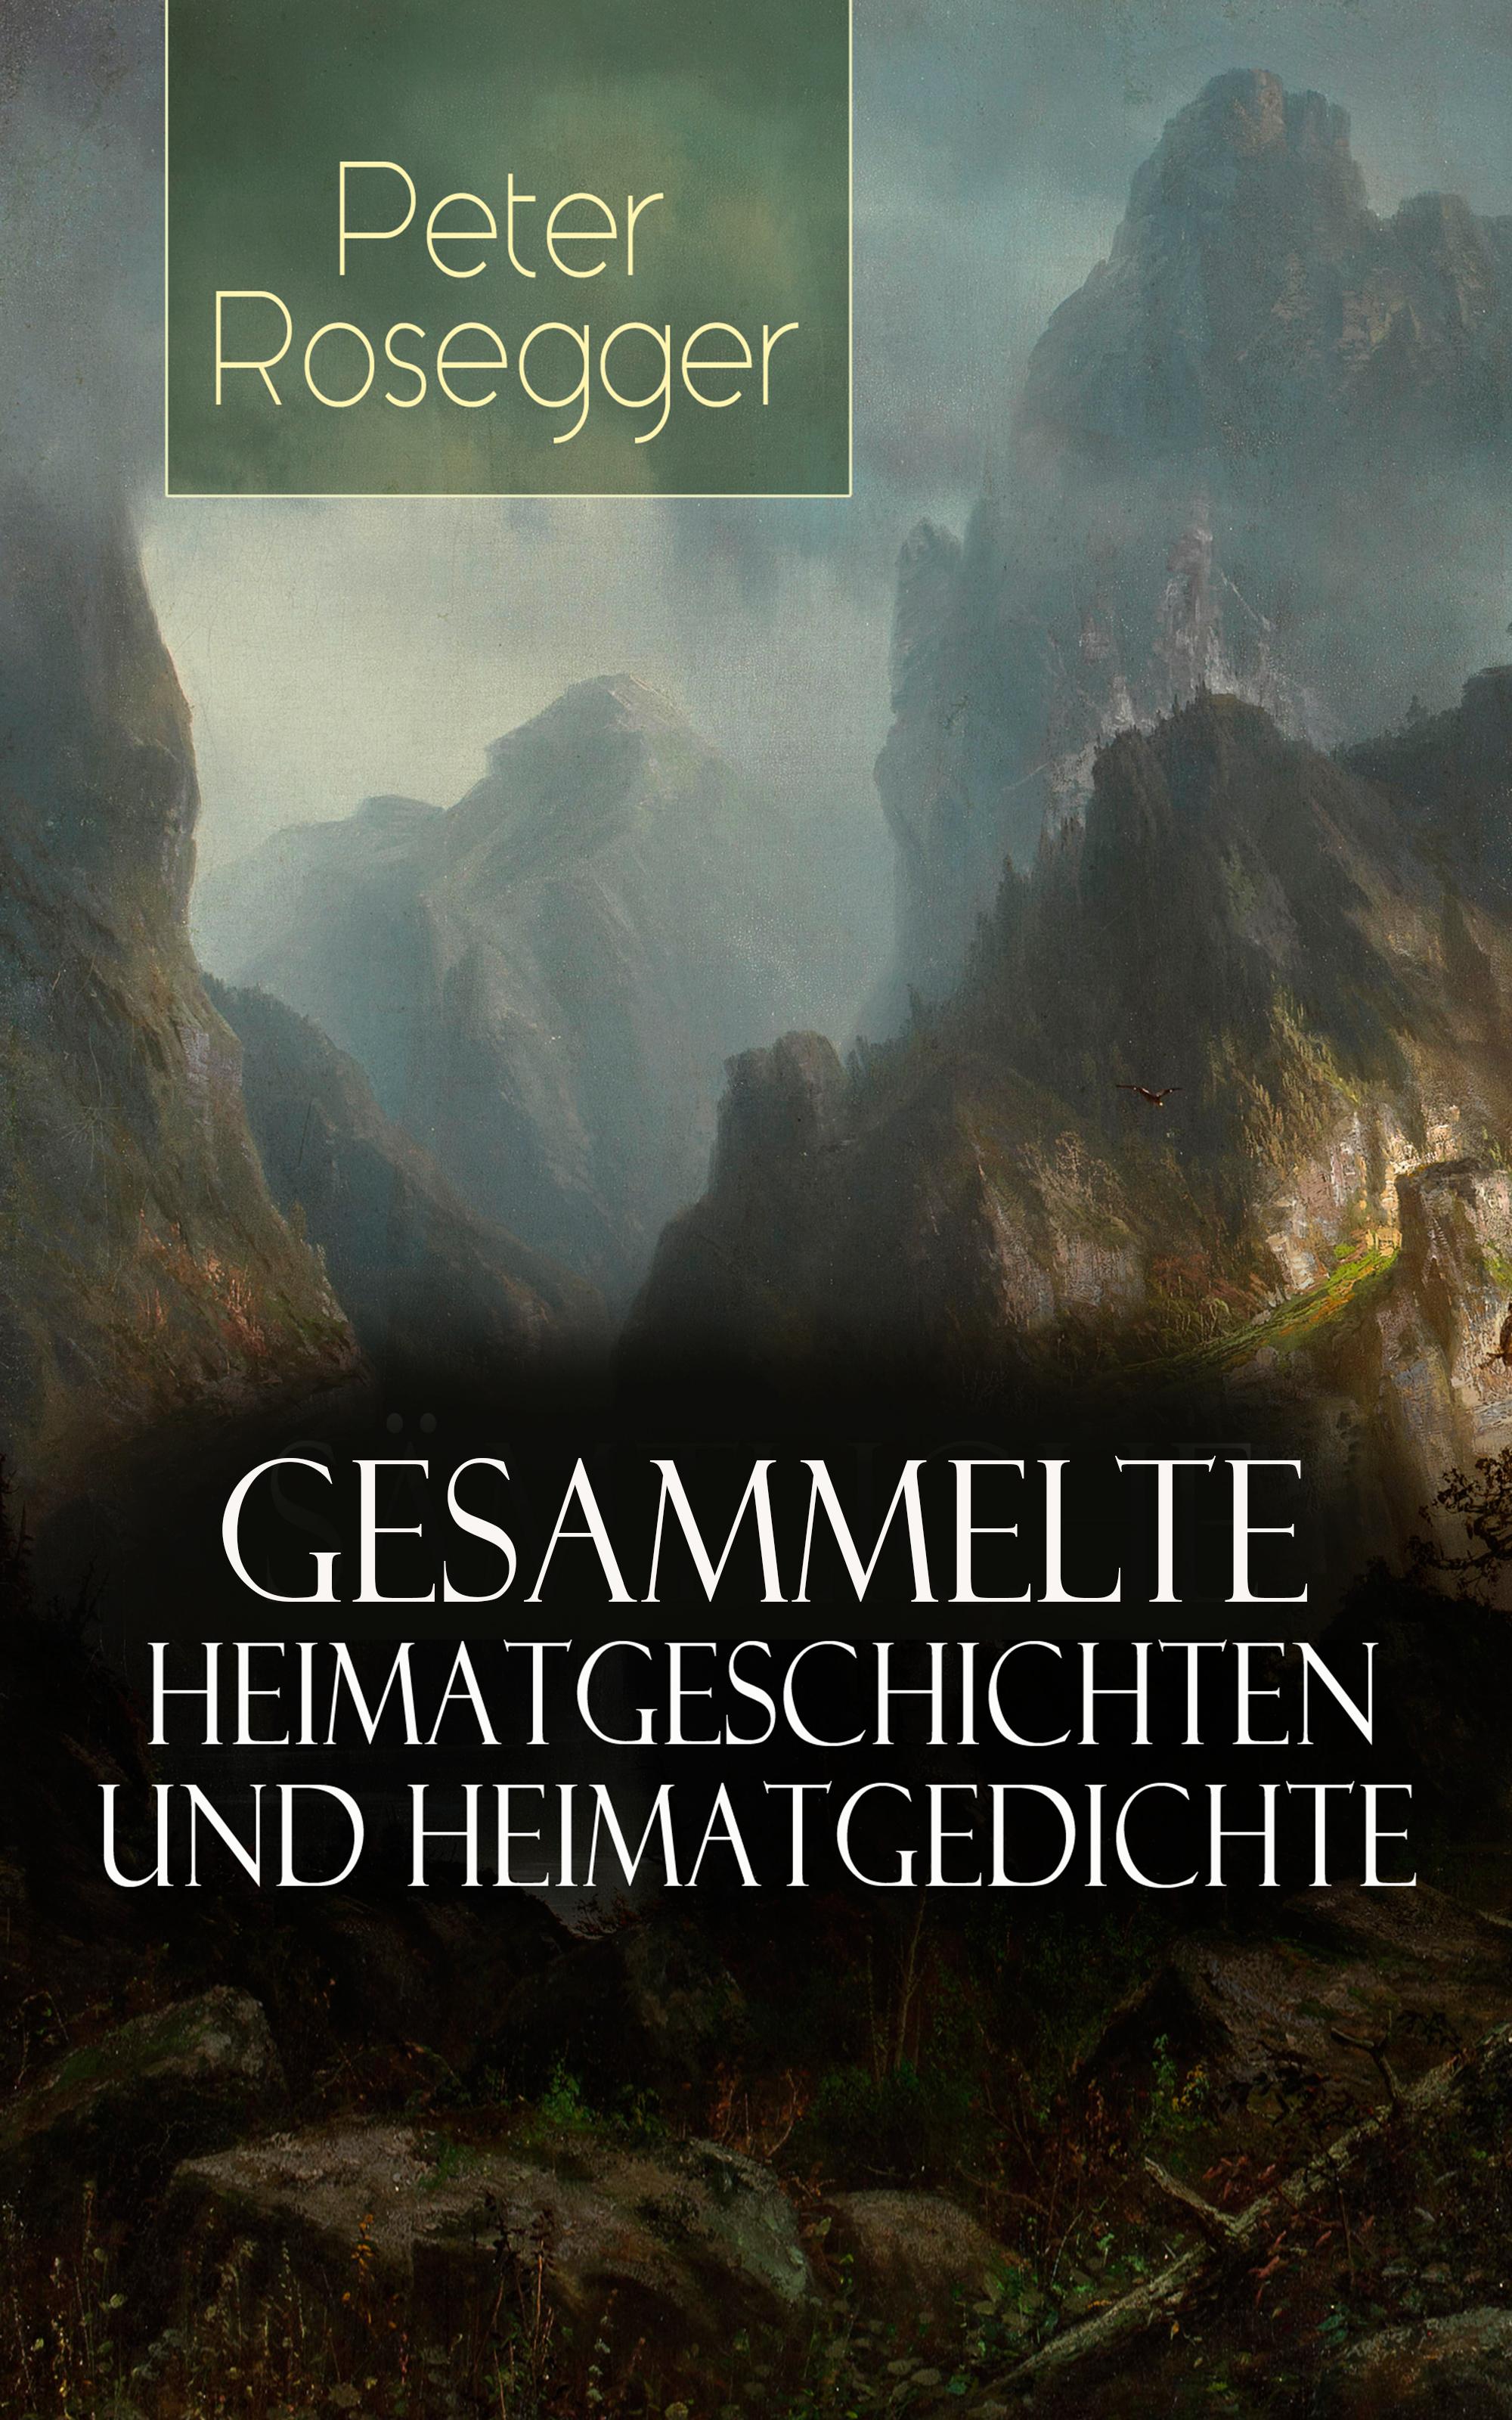 Peter Rosegger Gesammelte Heimatgeschichten und Heimatgedichten von Peter Rosegger